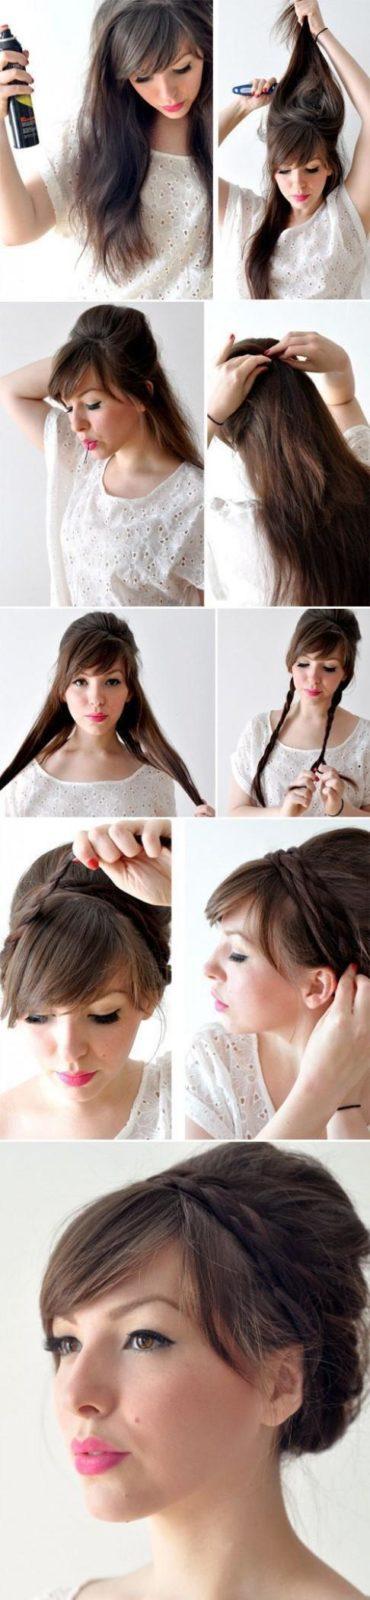 Прически на длинные волосы: высокая прическа